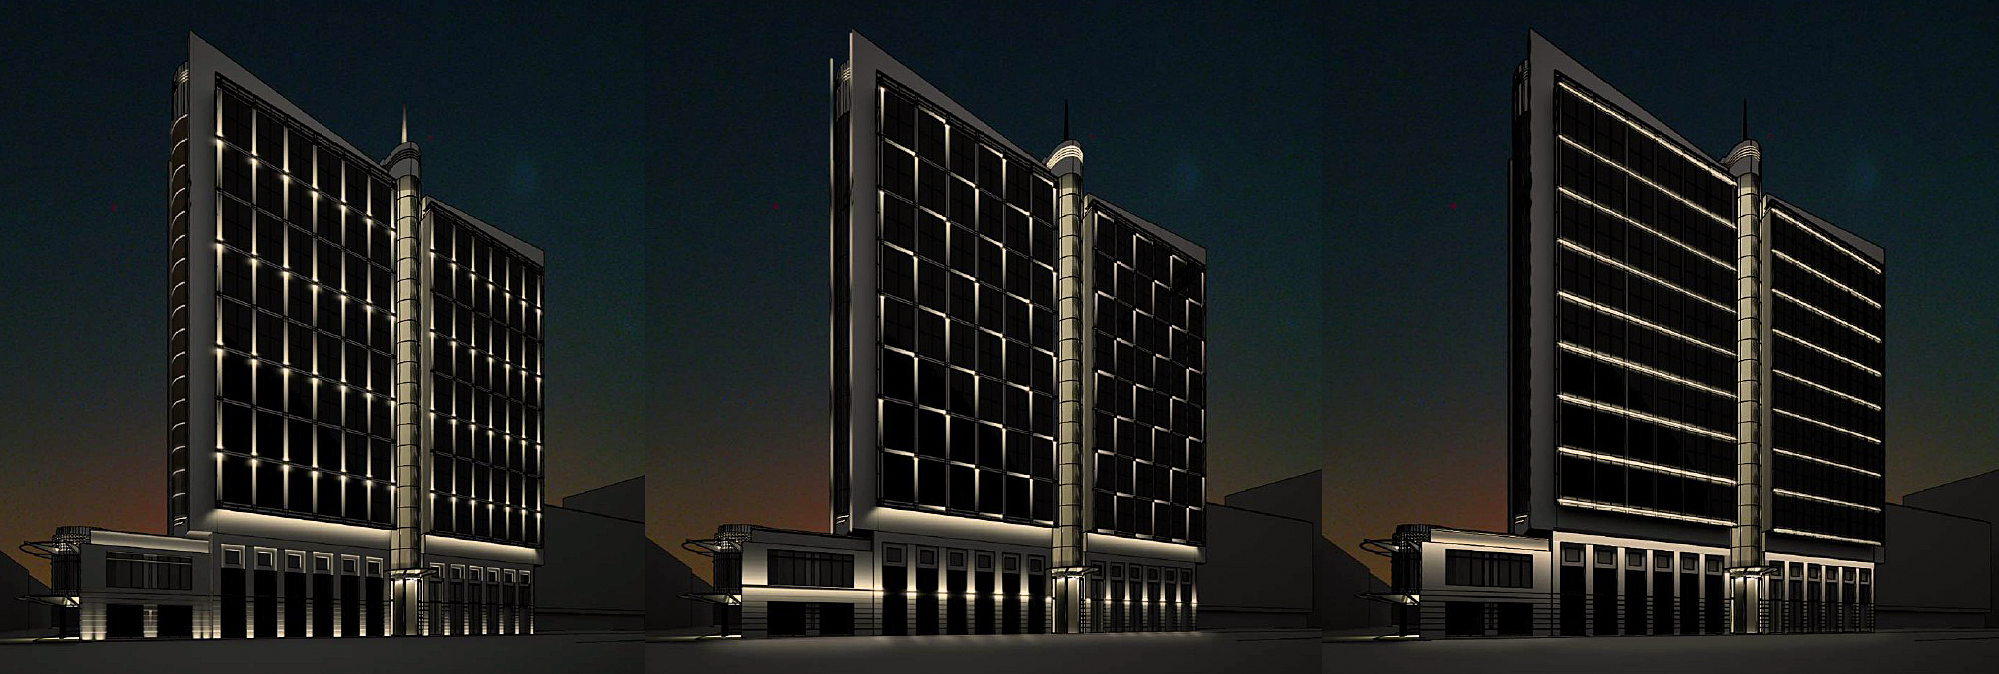 АХП фасада гостиницы Марриотт